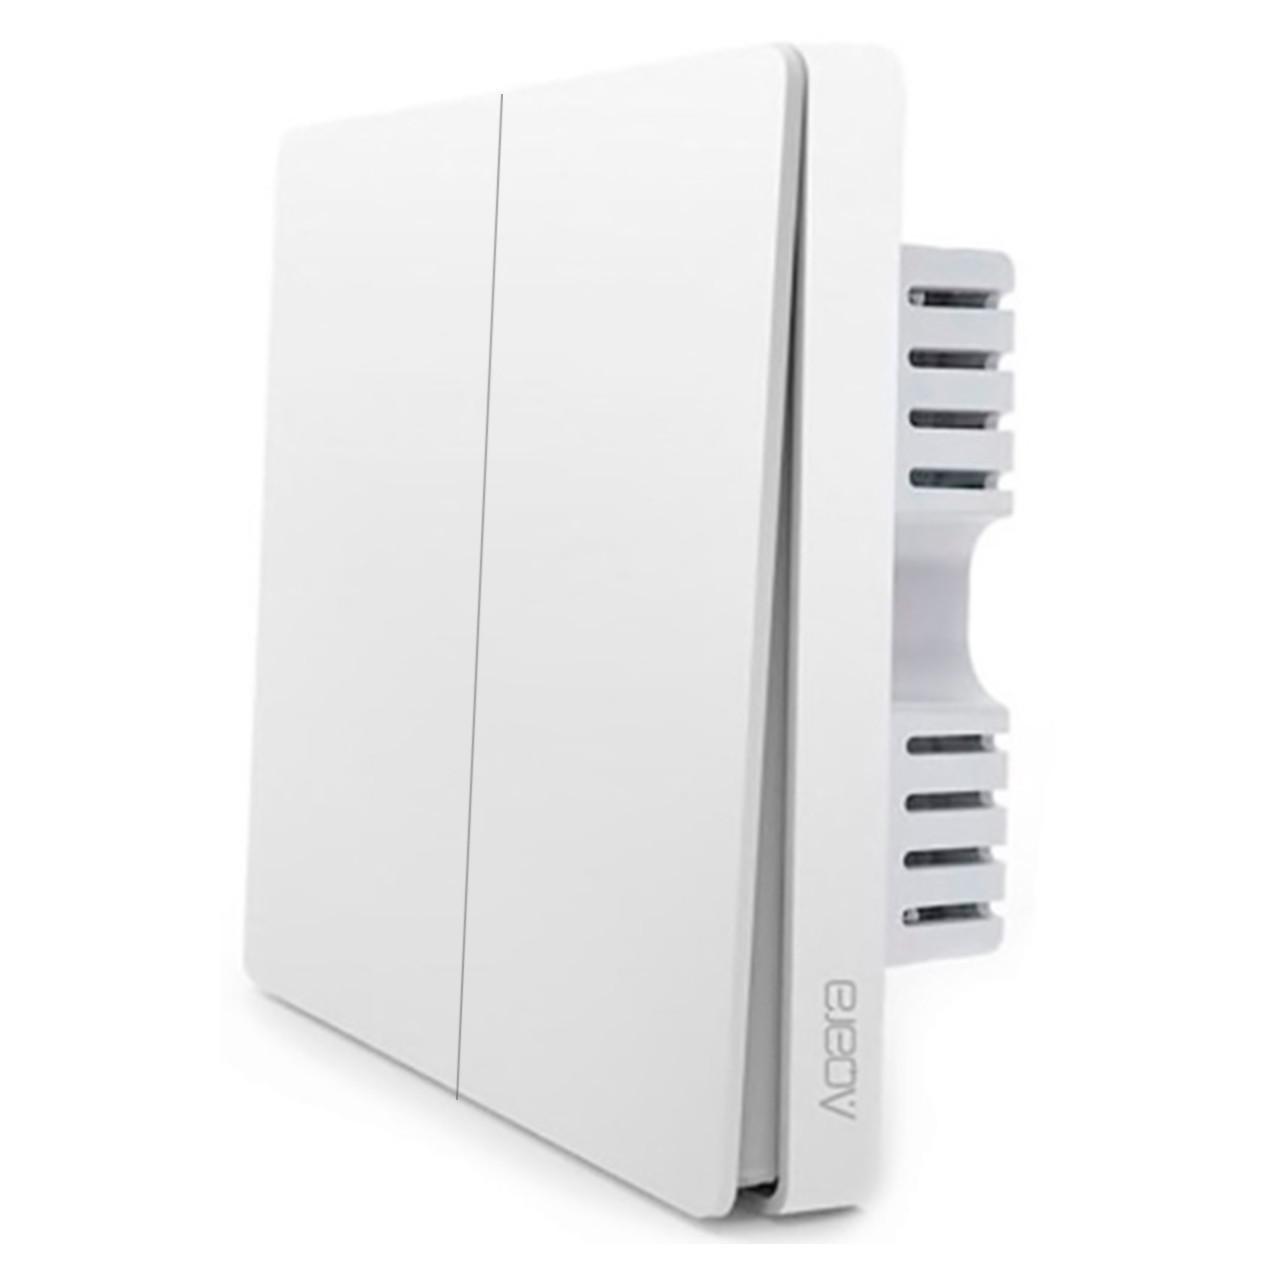 Умный выключатель Aqara Smart Light Switch ZigBee Version 2 кнопки без нулевой линии (3993-10937)